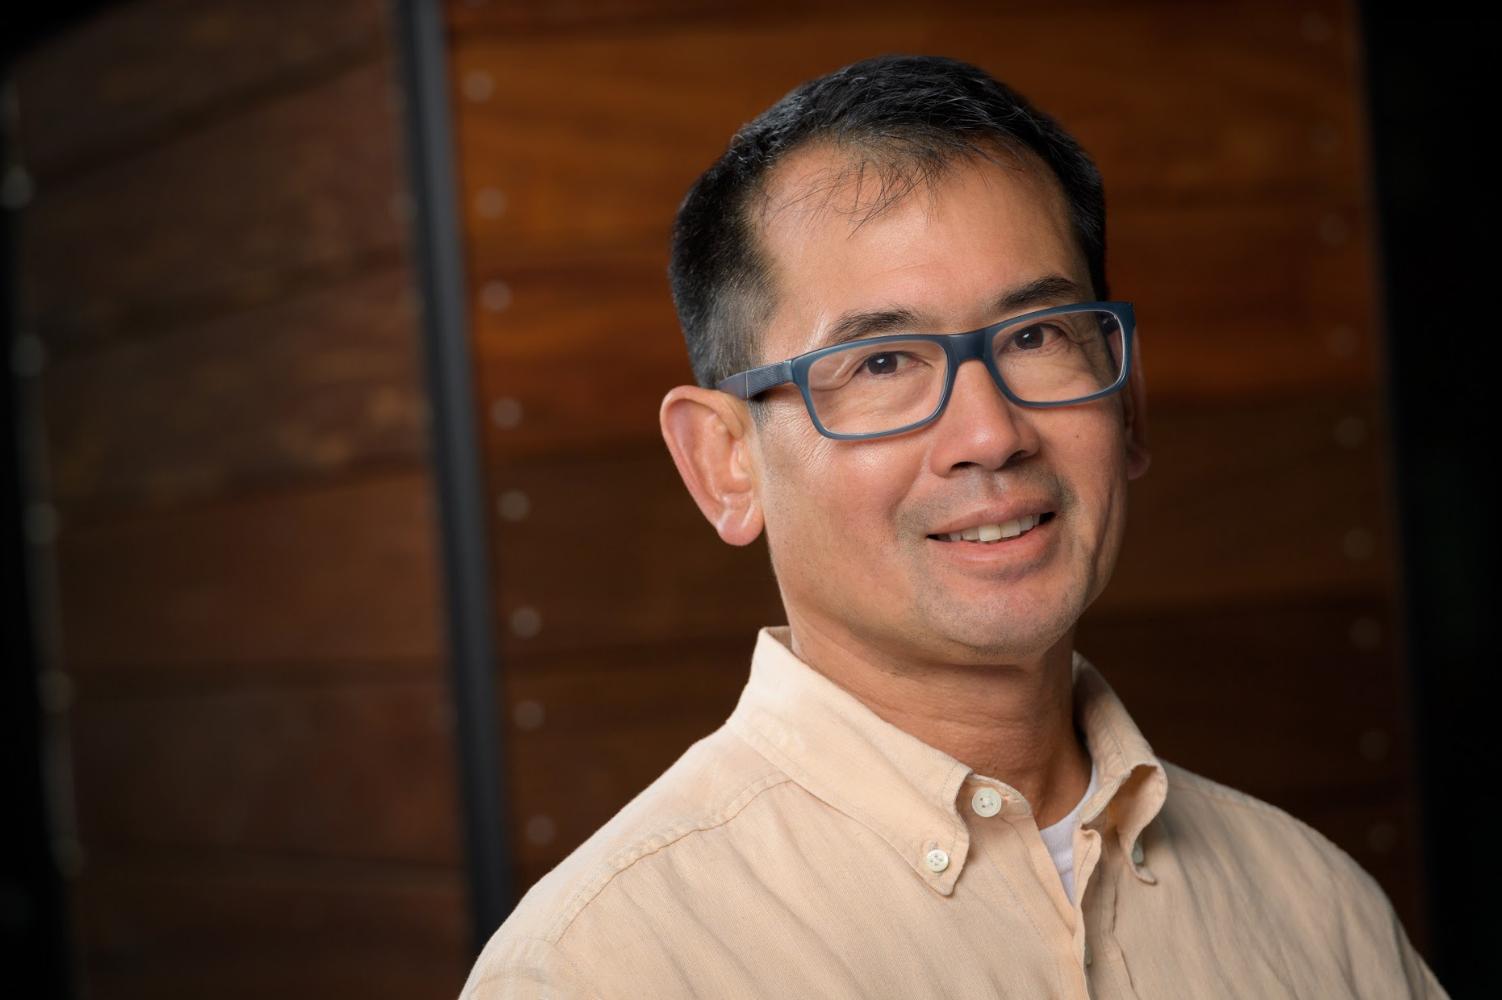 Principal Clifford Chang, Surveying As-Built Projects at new Cupertino Main Street